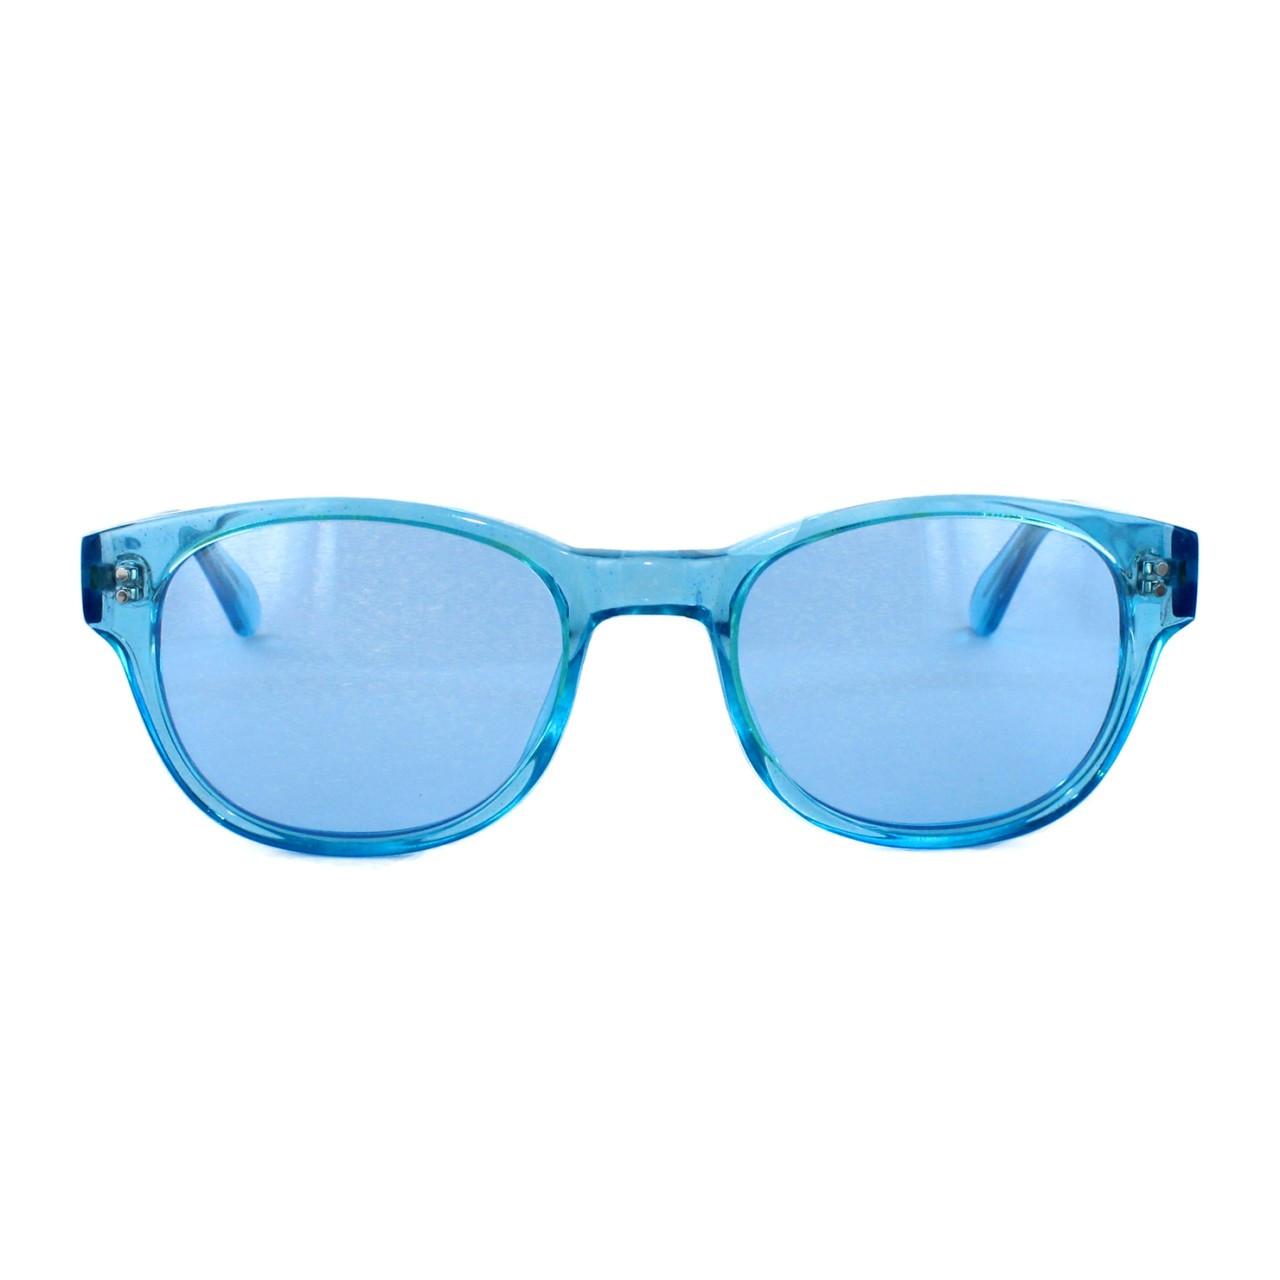 Crystal Blue with Blue Sunglass CR-39 Lenses